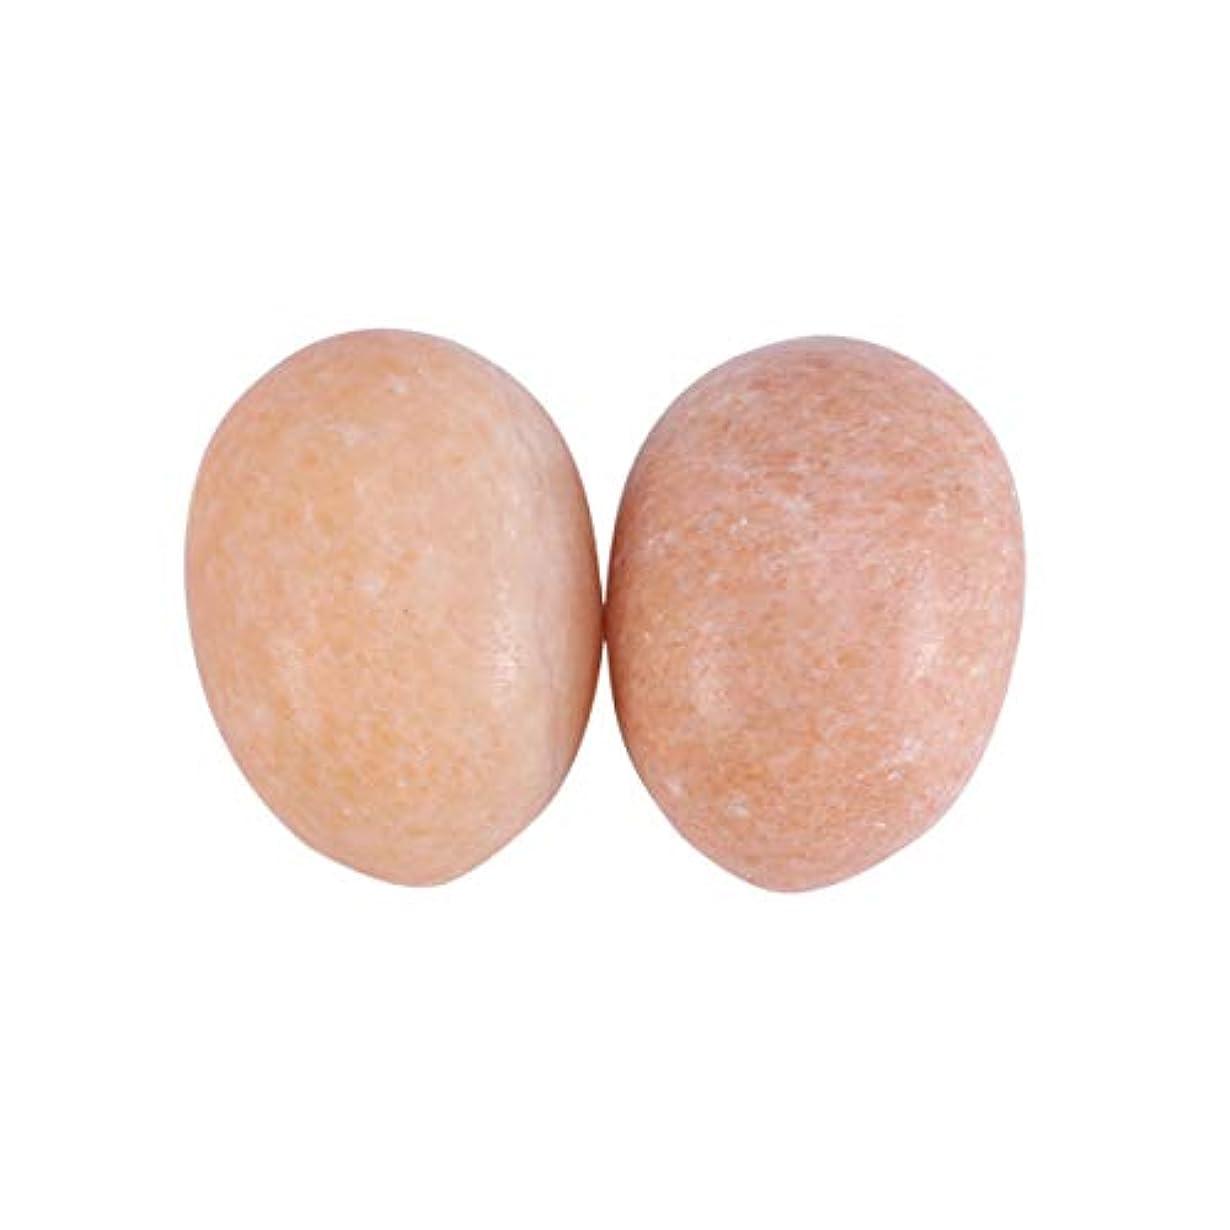 添加剤堀旅Healifty 6PCS玉ヨニ卵マッサージ癒しの石のケゲル運動骨盤底筋運動(日没赤)